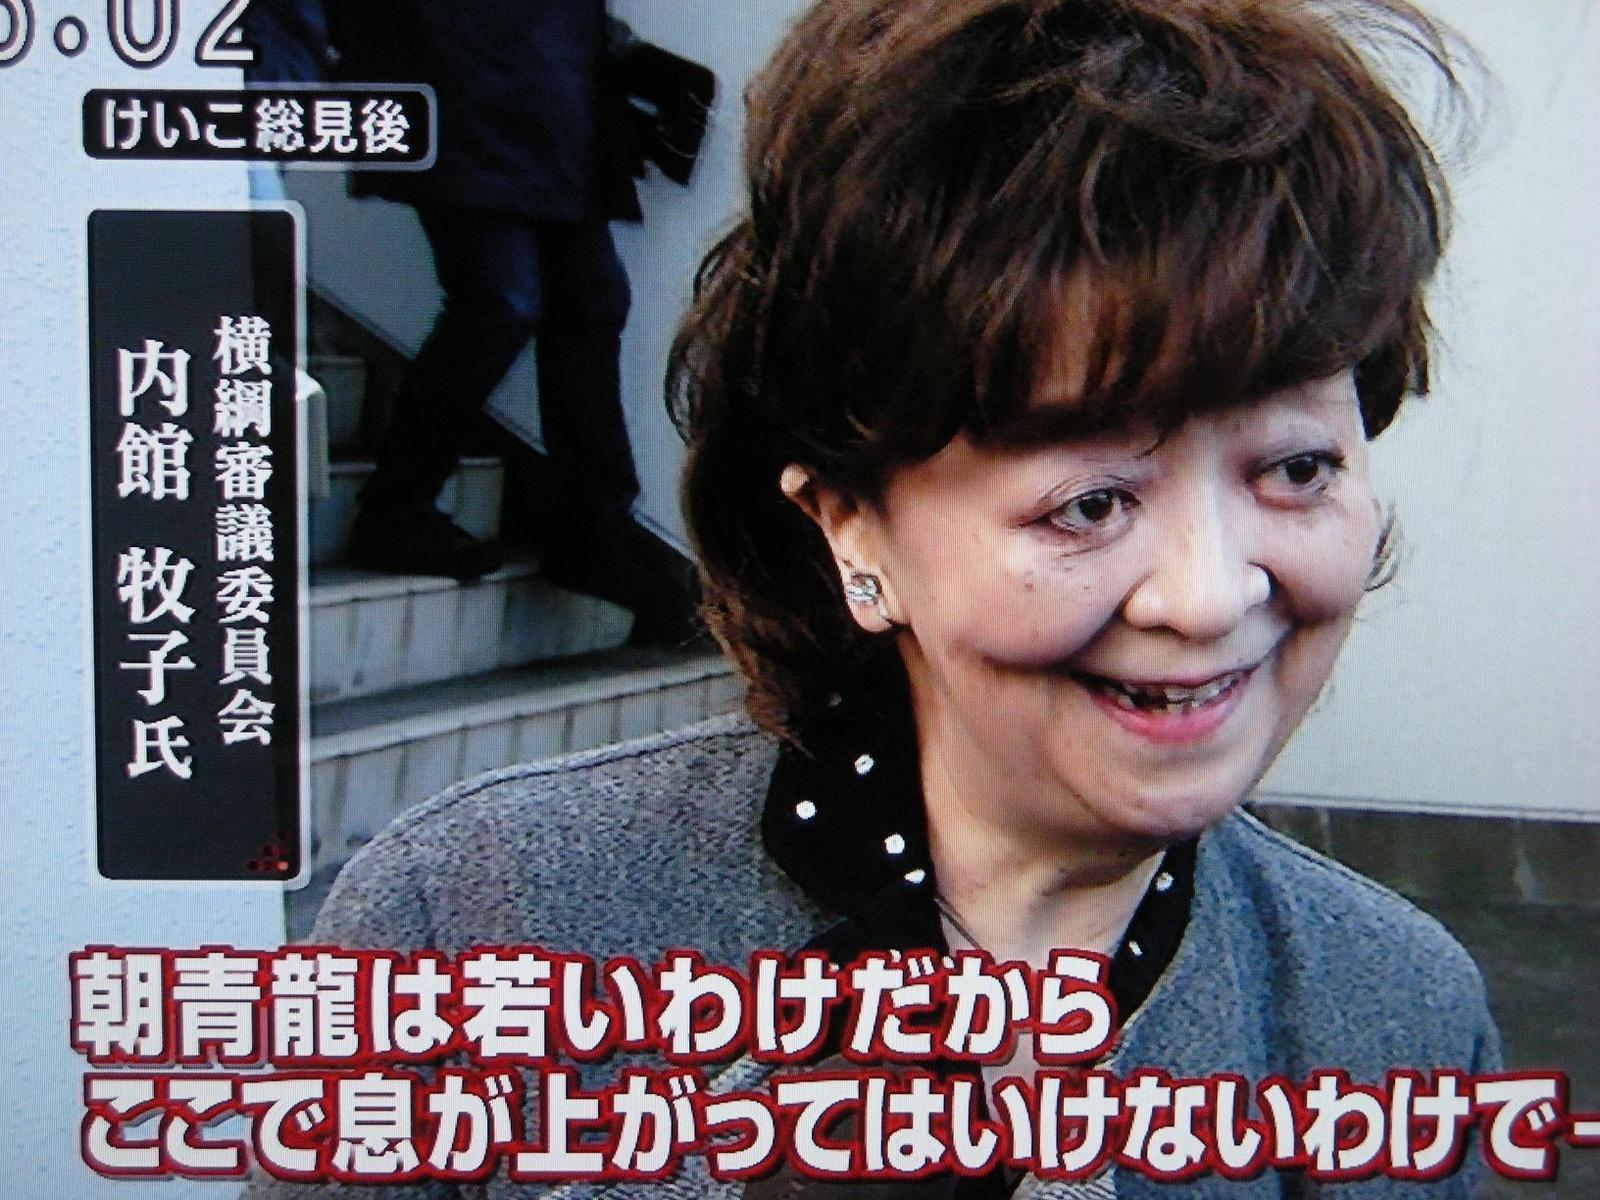 内館牧子 さんは、超、凄い美人...